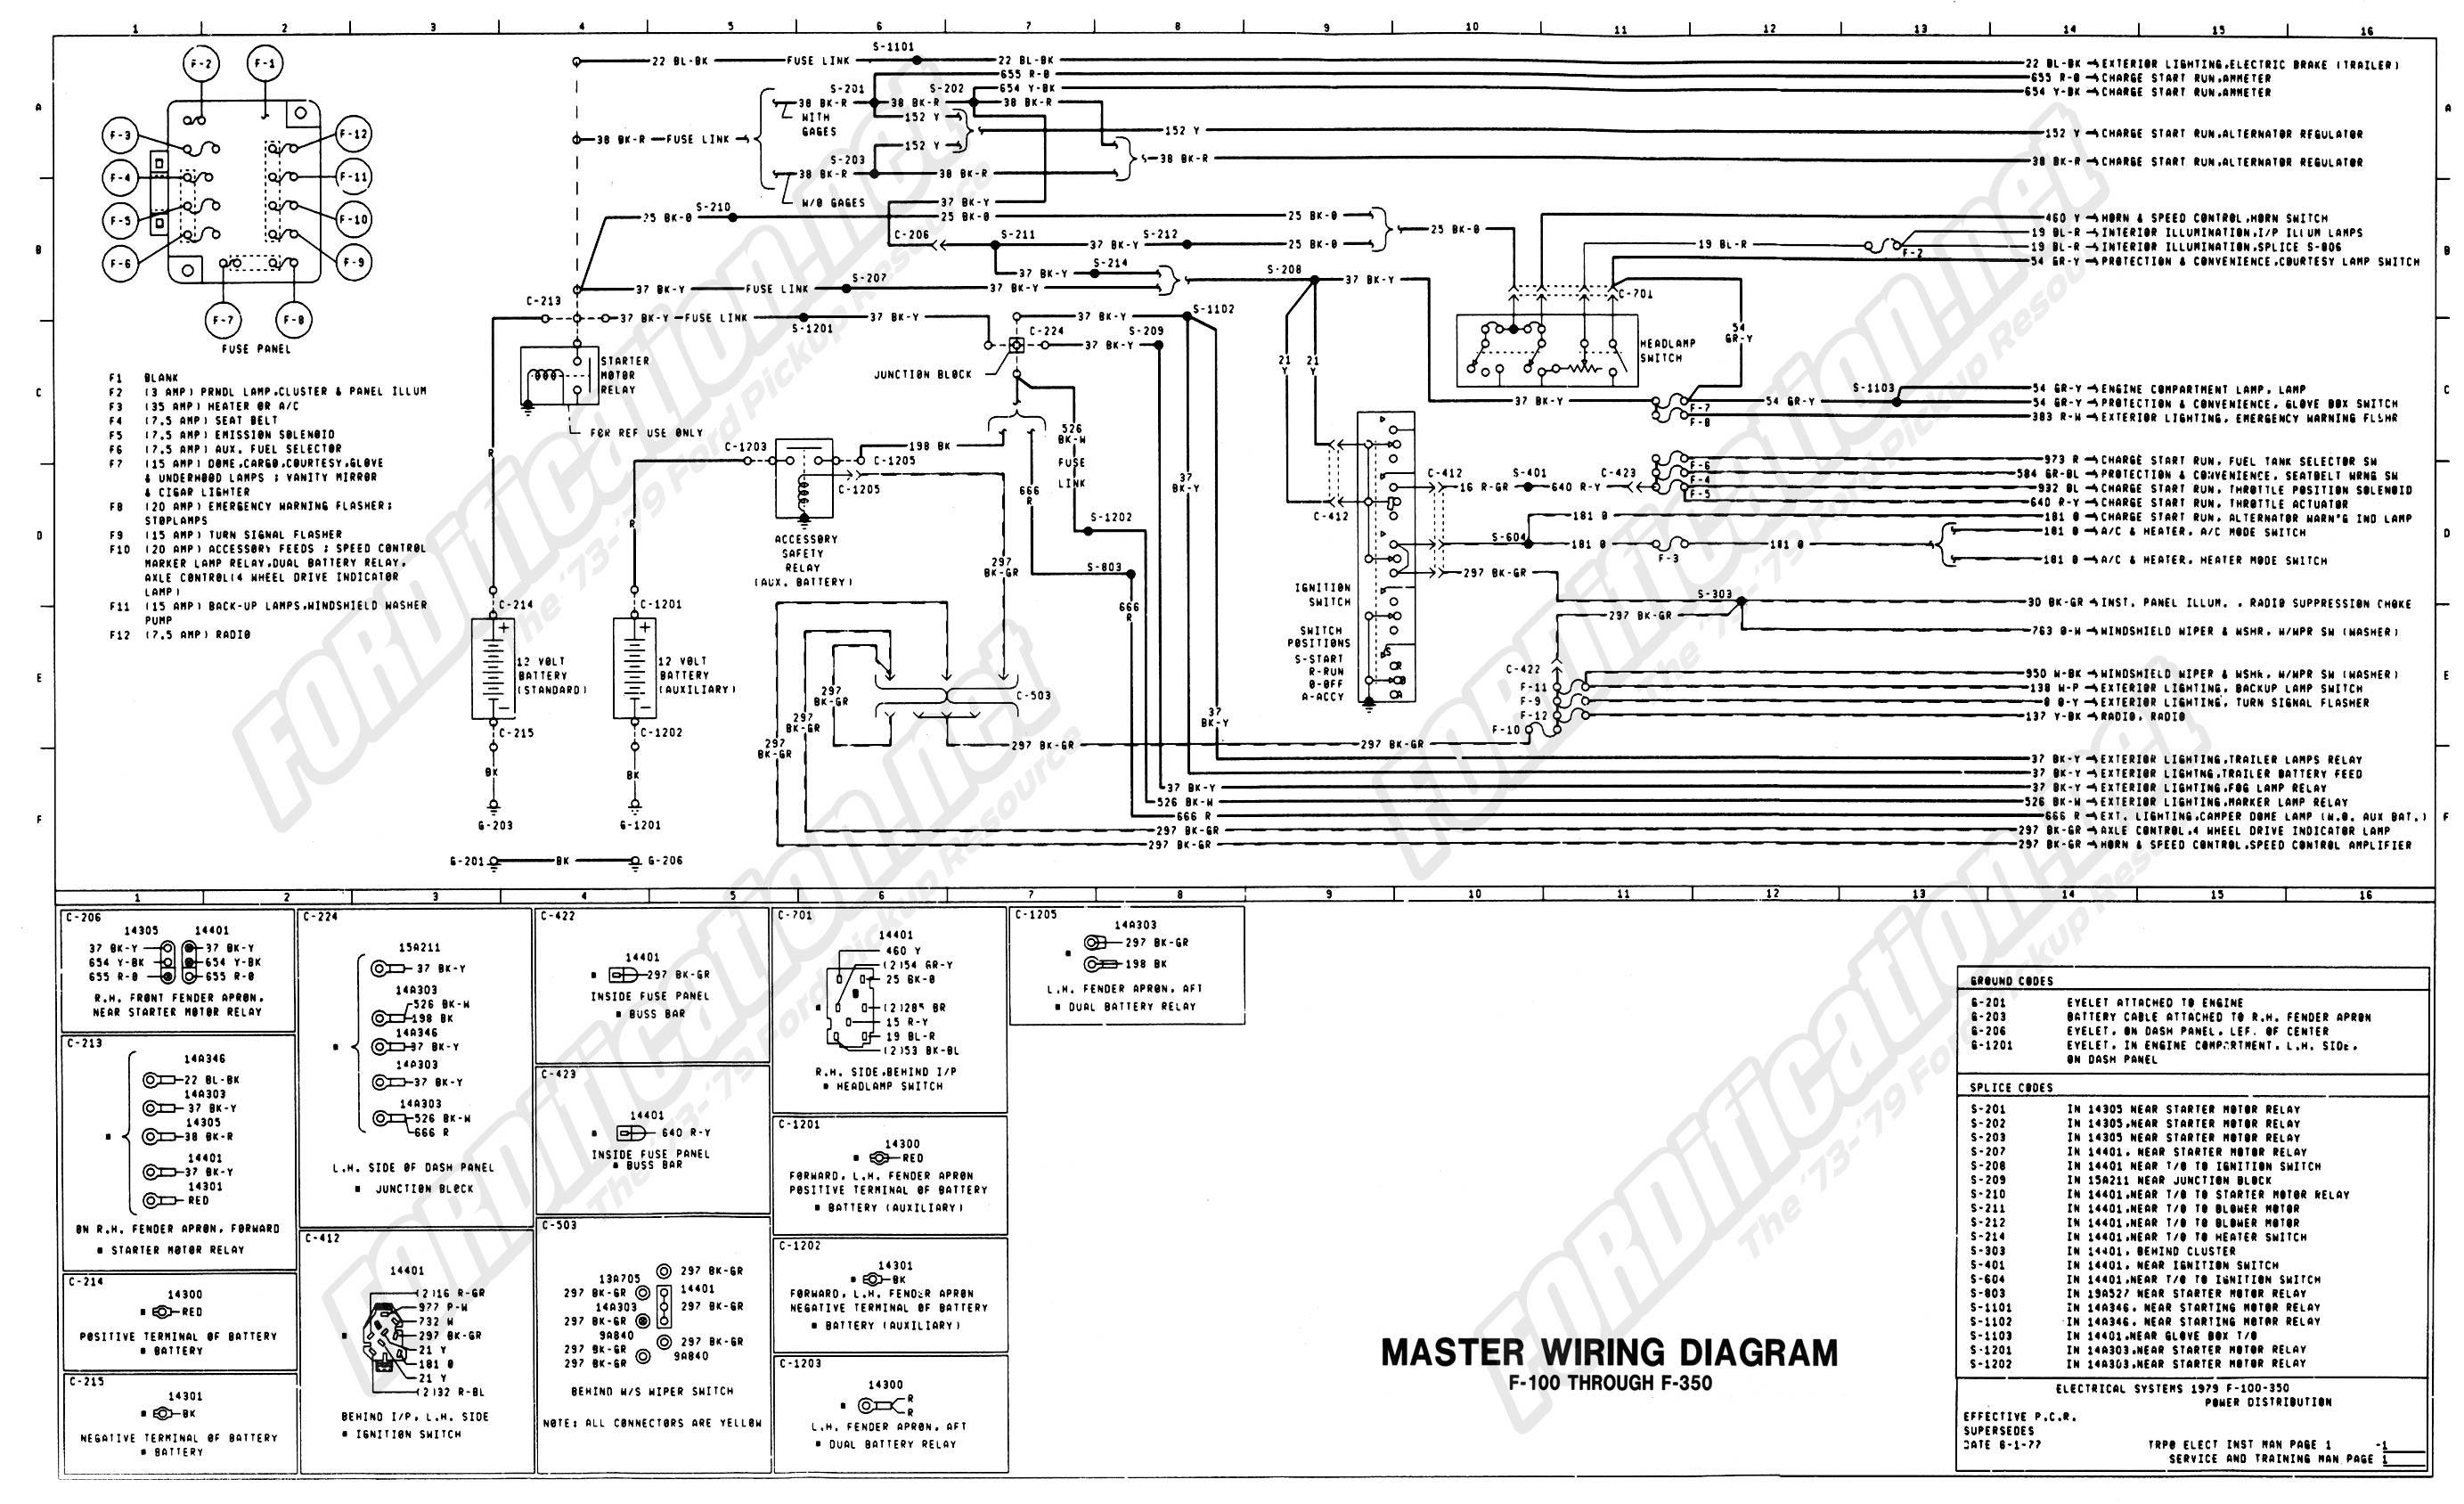 1986 ford F150 Engine Wiring Diagram 1986 ford F150 Engine Wiring Diagram Collection Of 1986 ford F150 Engine Wiring Diagram